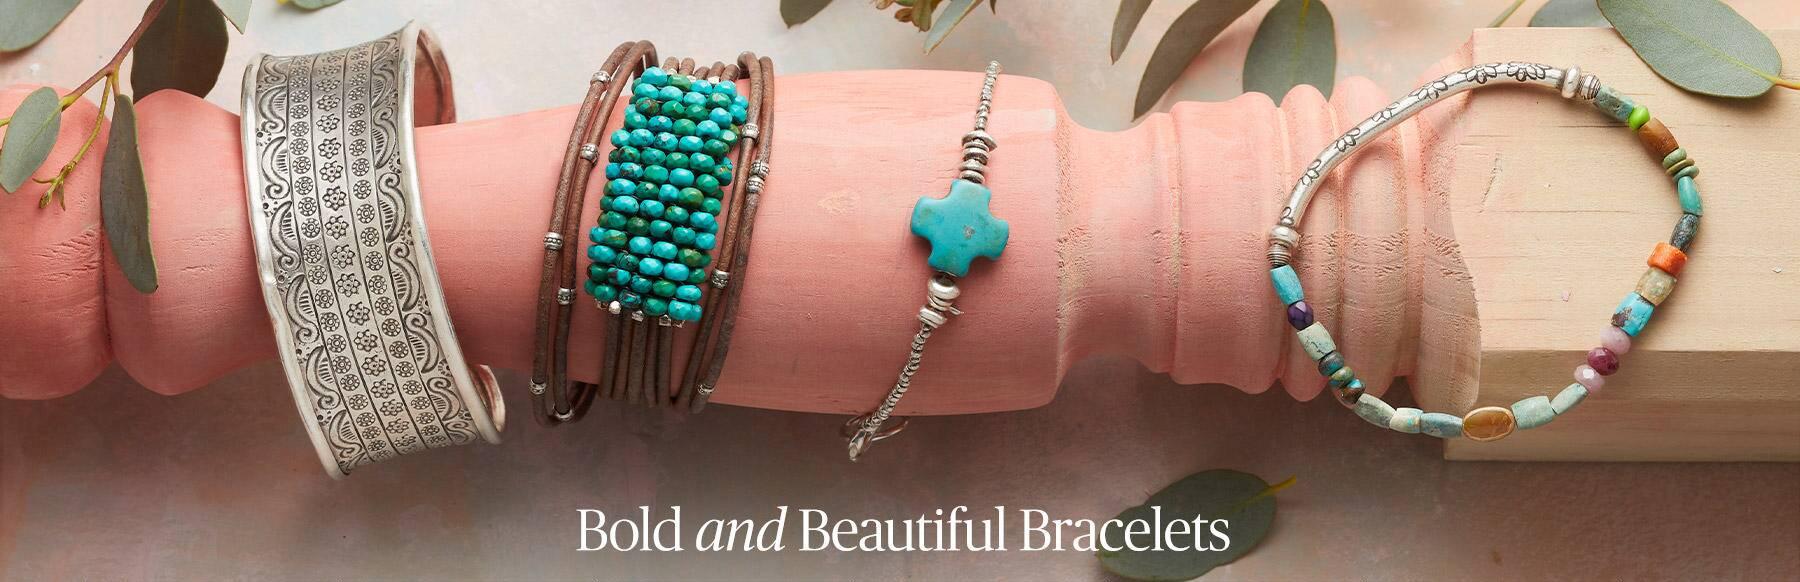 Bold and Beautiful Bracelets